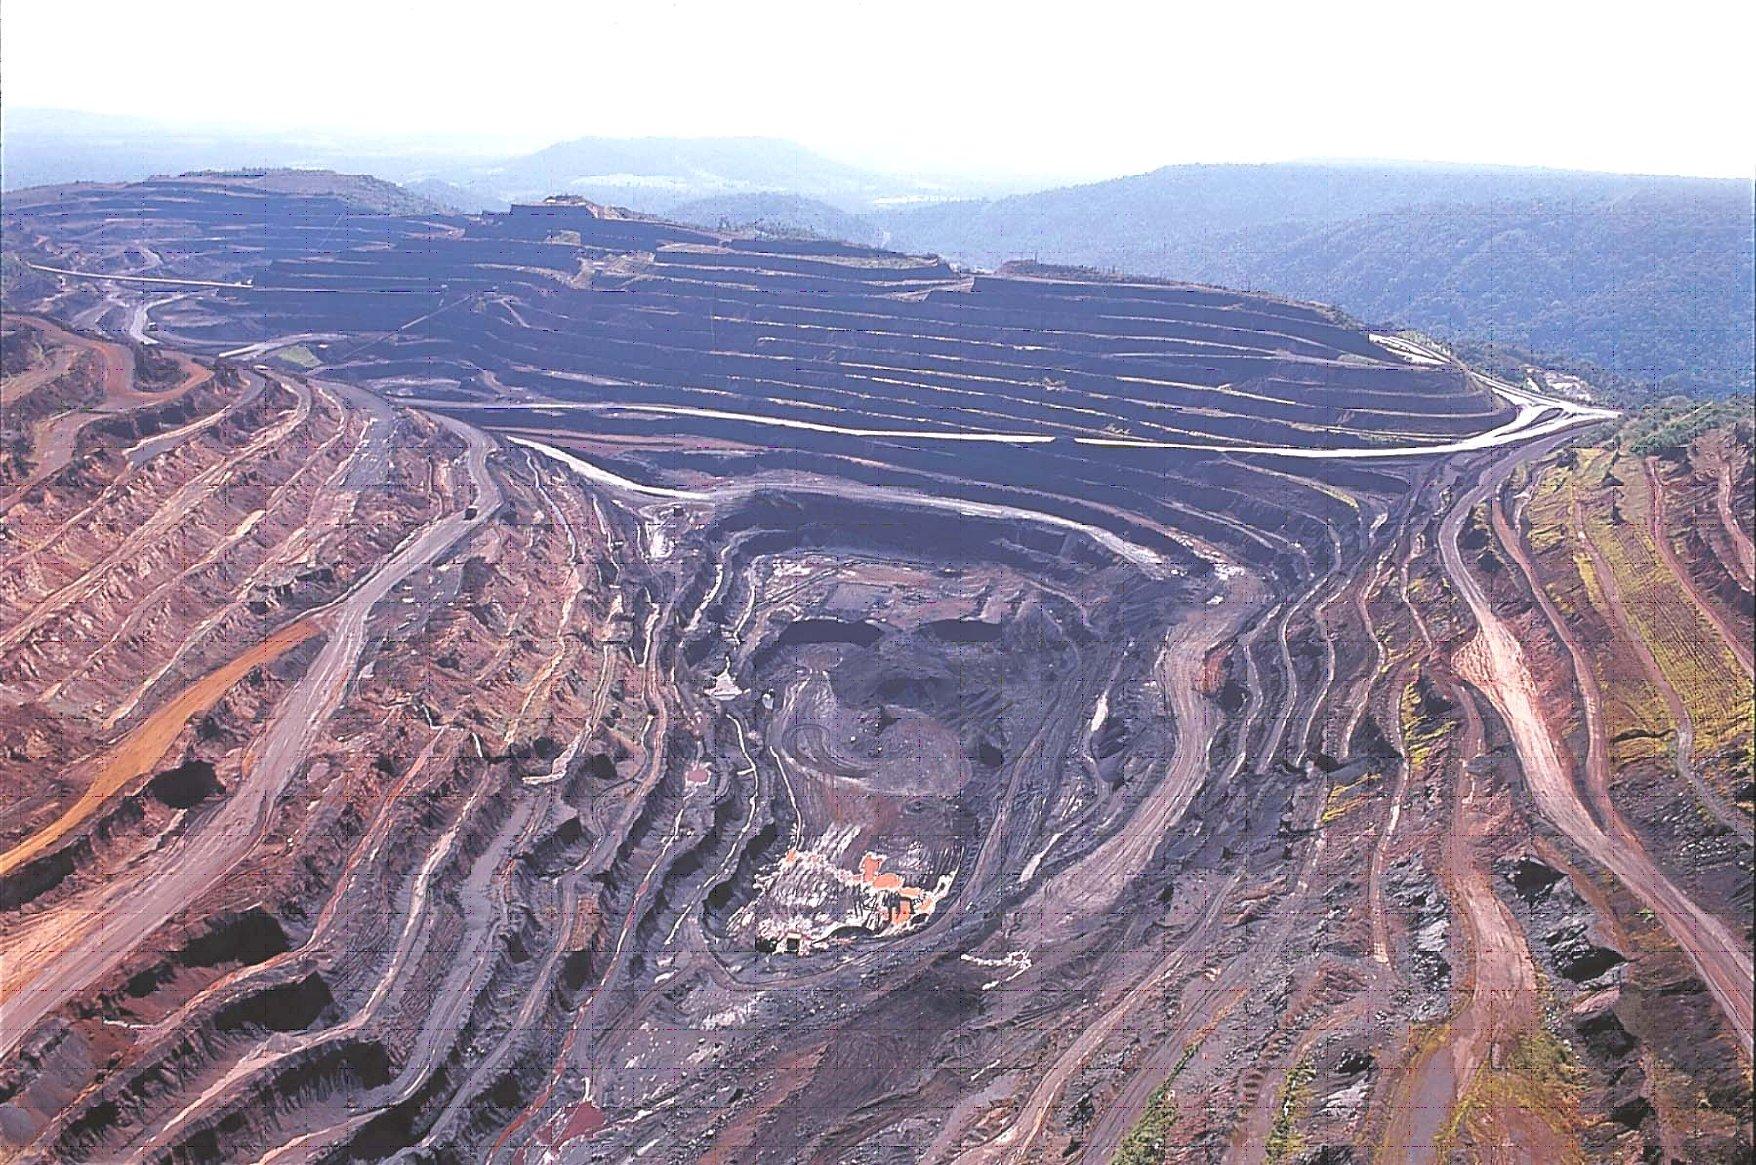 Vale pode vender 30% das operações de minério de ferro em Carajás